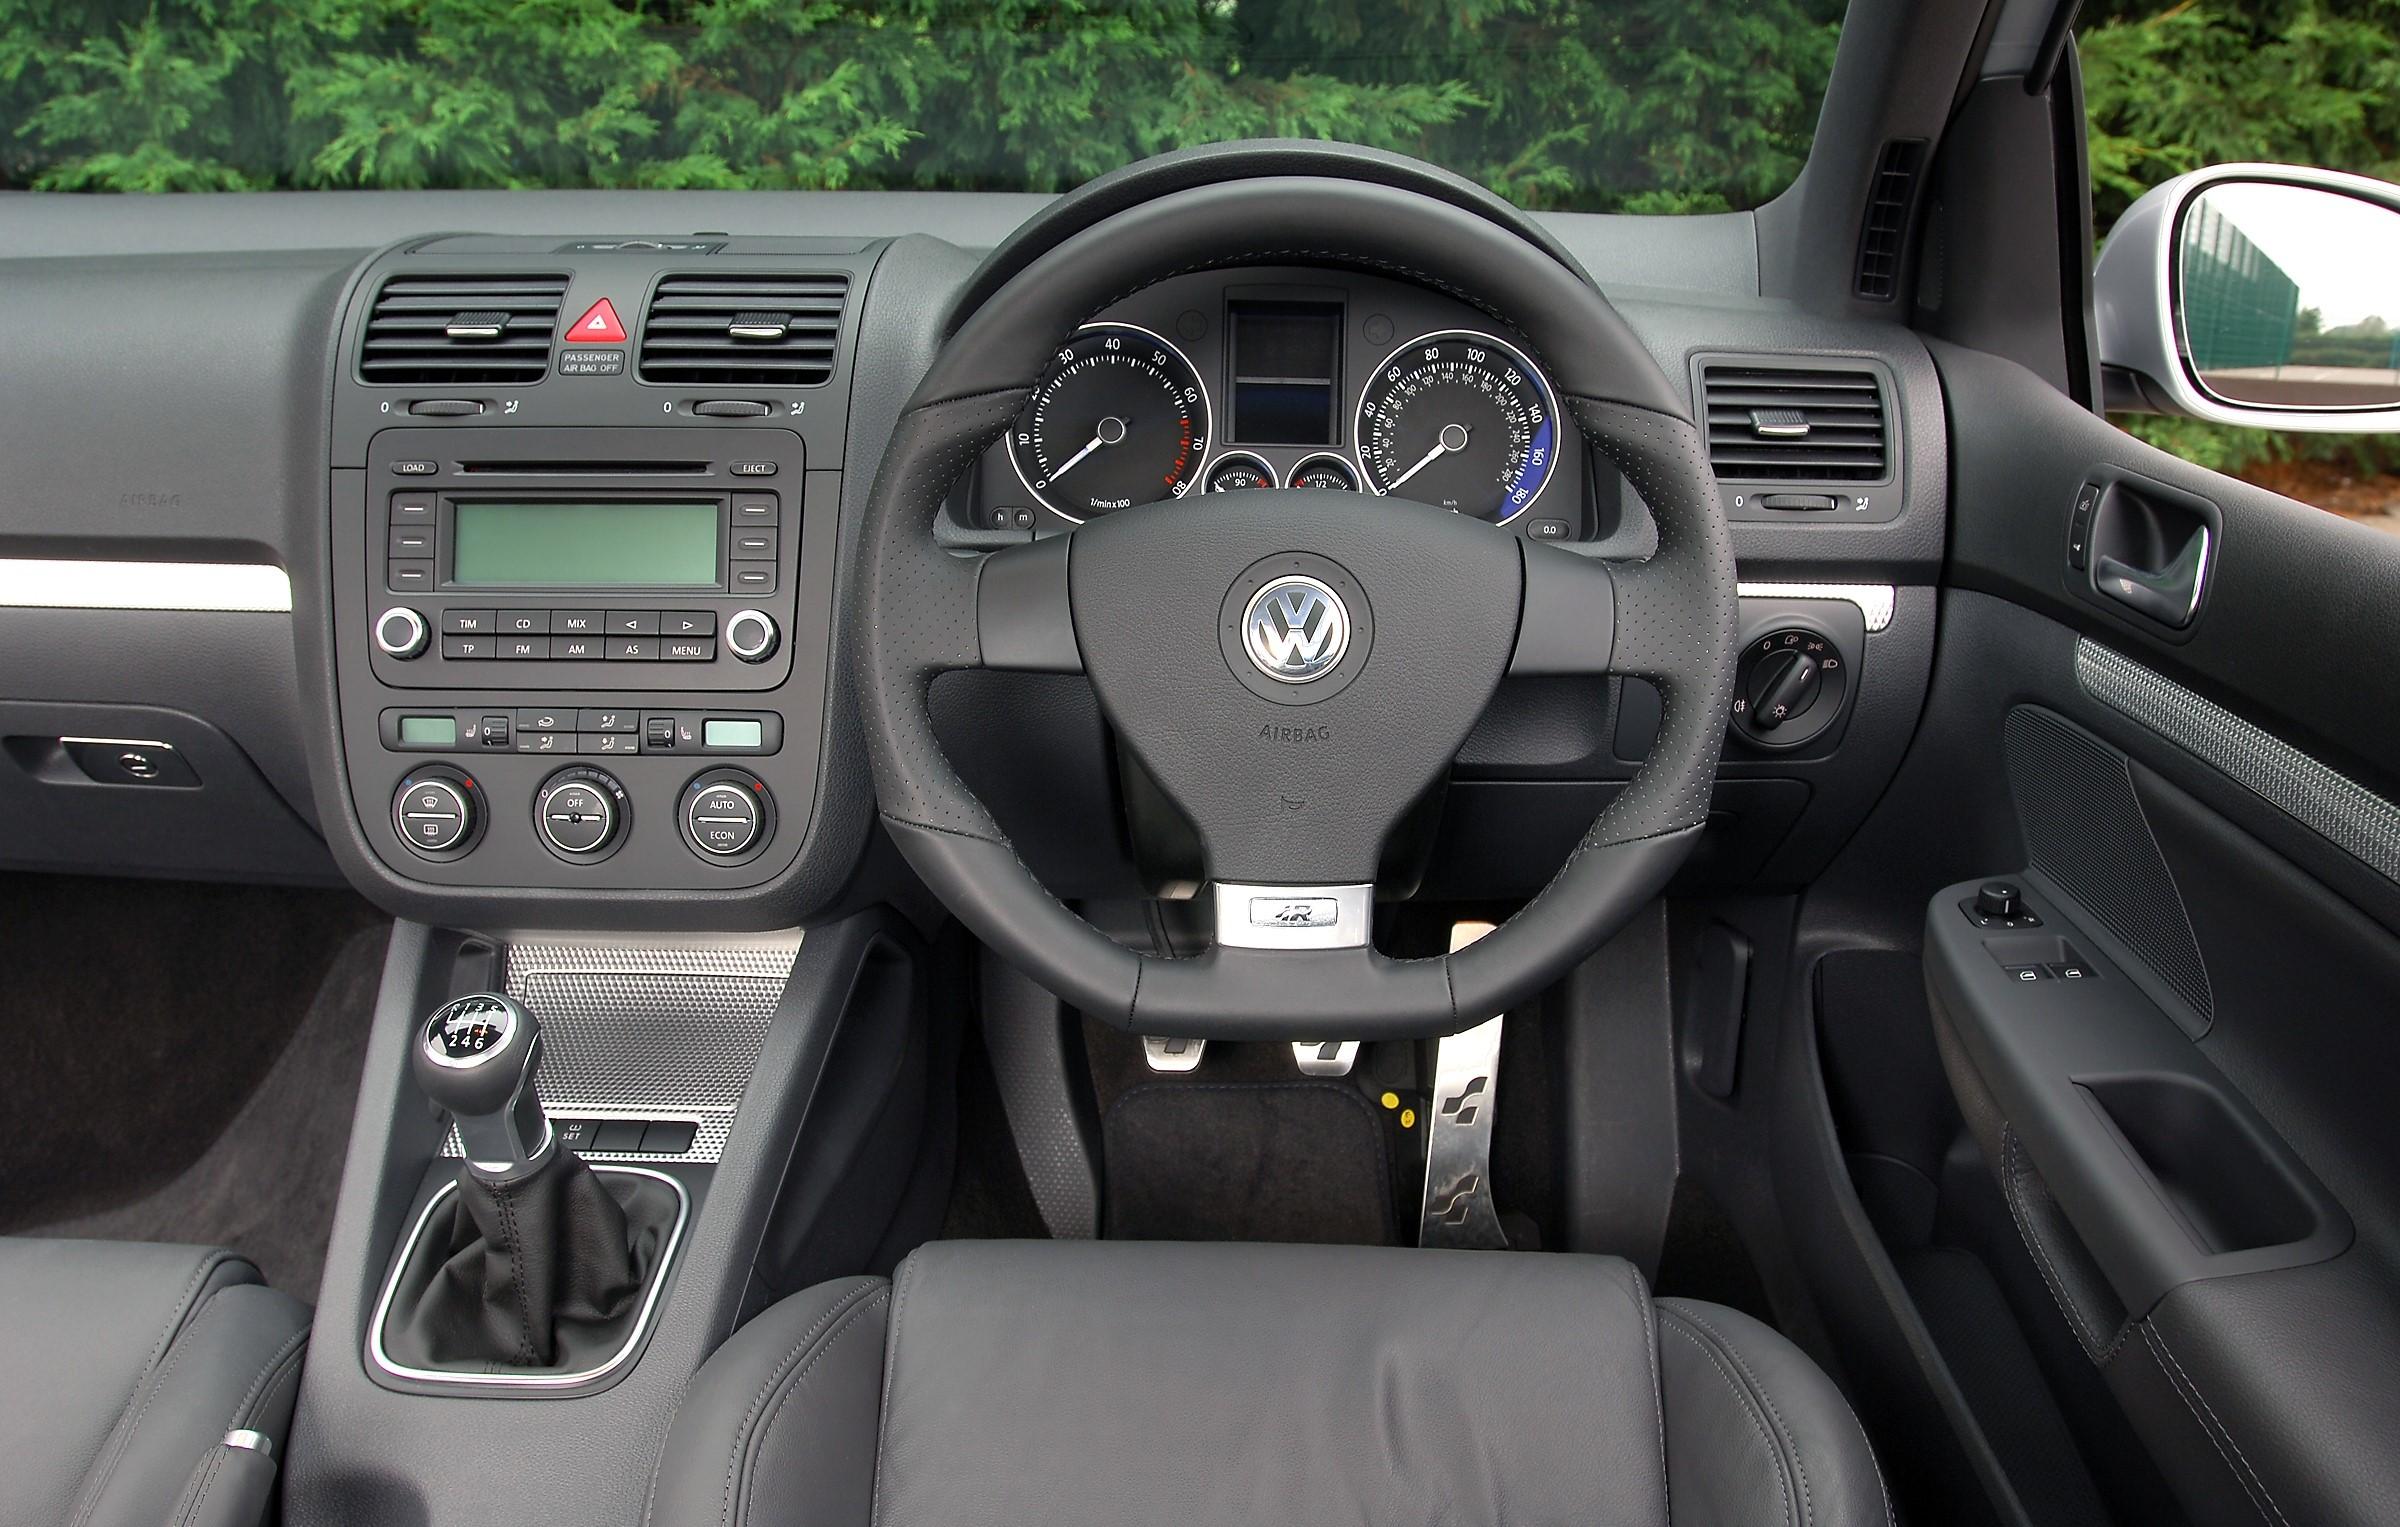 VW Golf dashboard